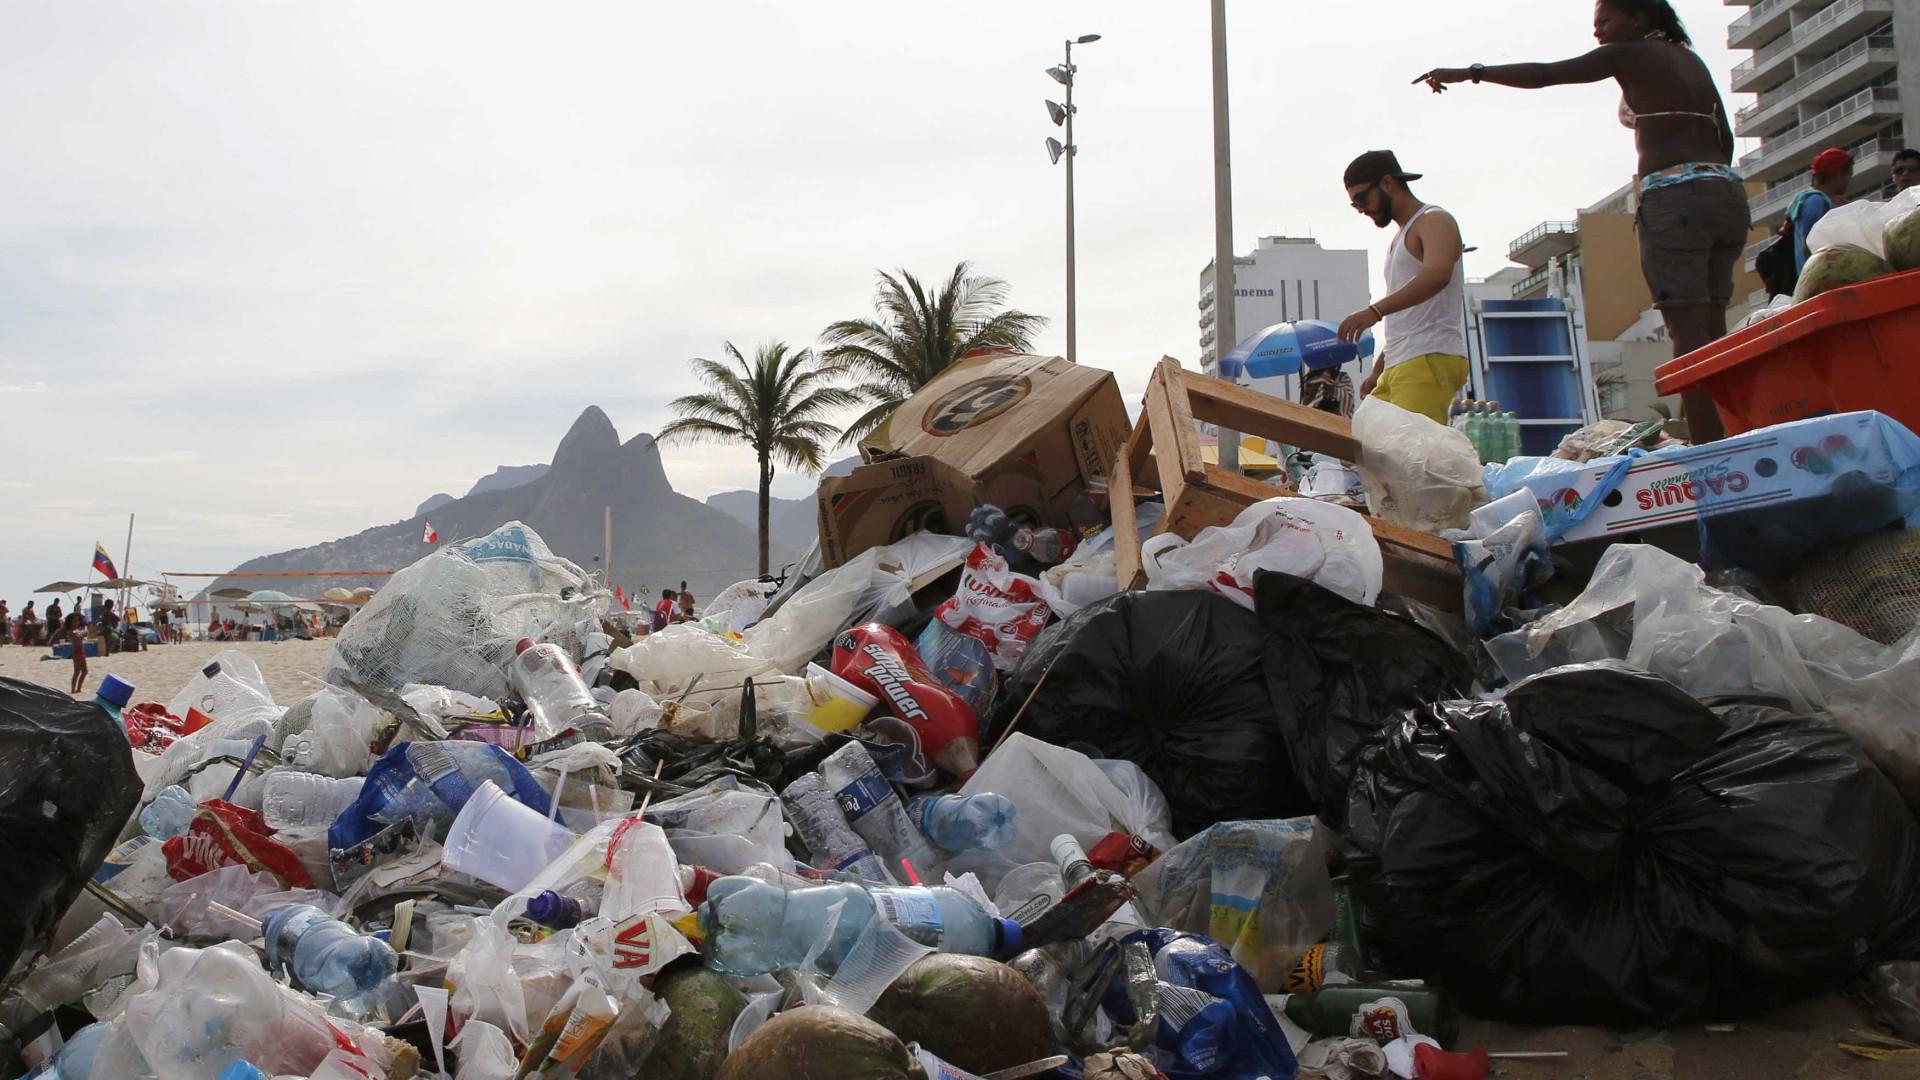 Garis ameaçam entrar em greve a partir da próxima segunda-feira no Rio